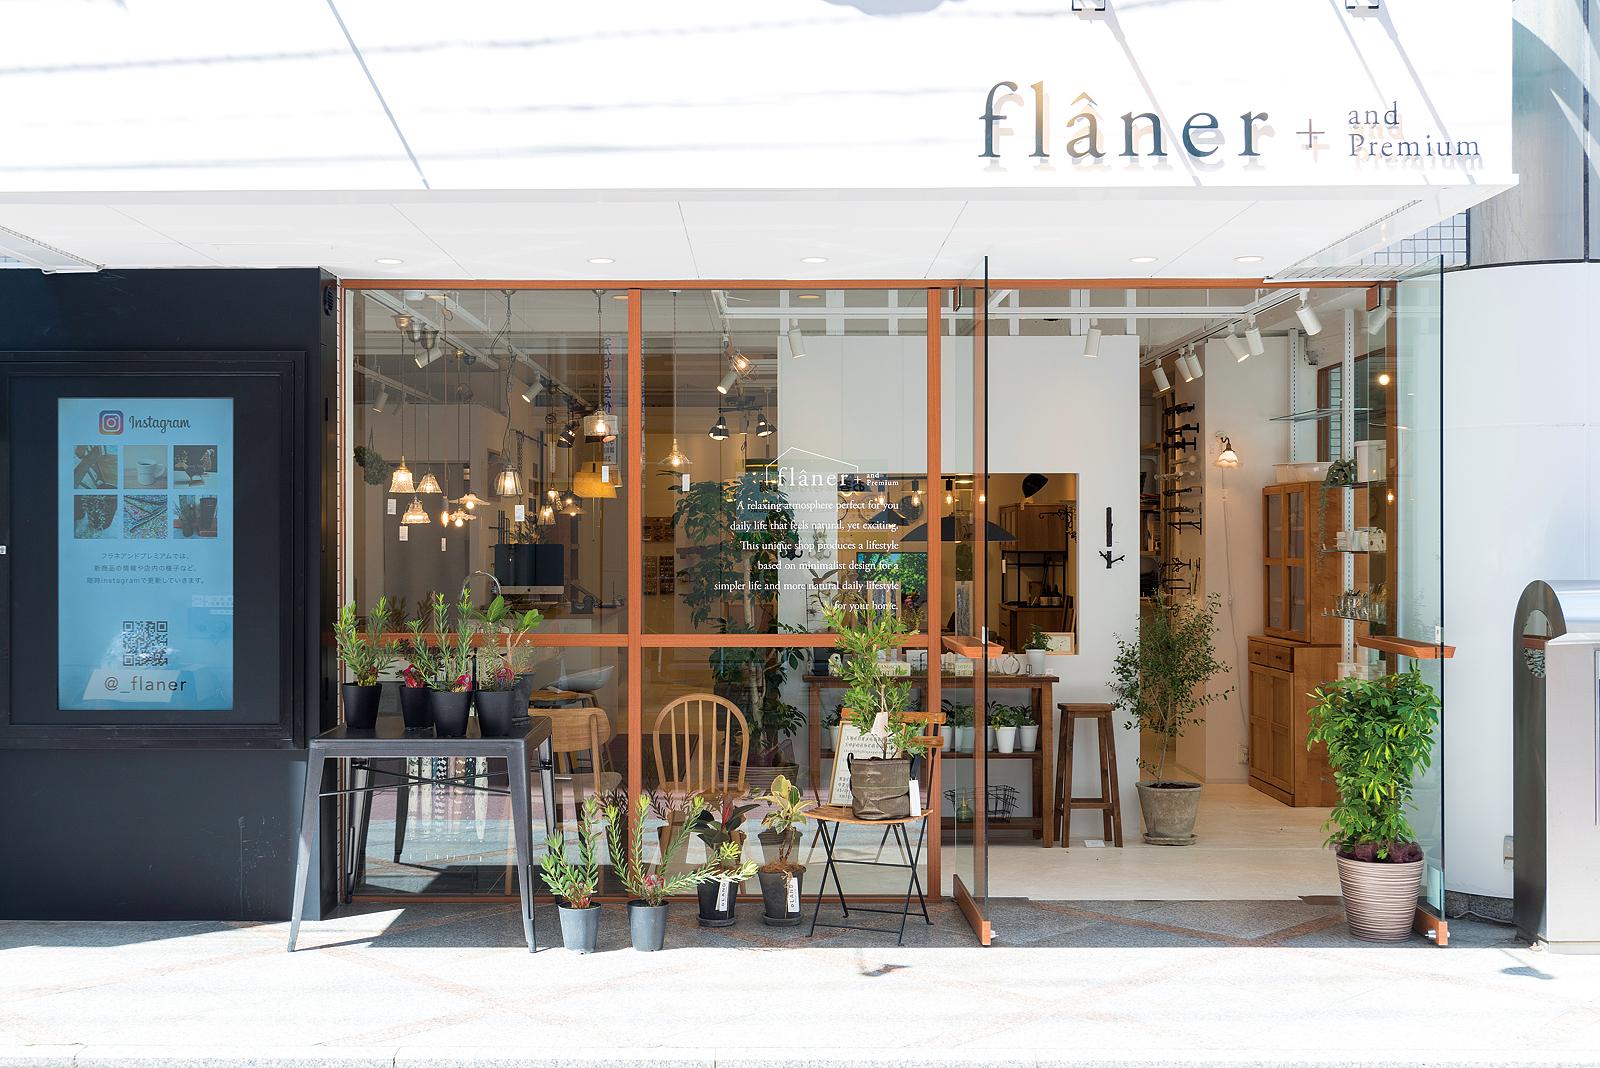 flaner and Premium(フラネ)では、N's Create.が提案するライフスタイルの形を実際に体感できる